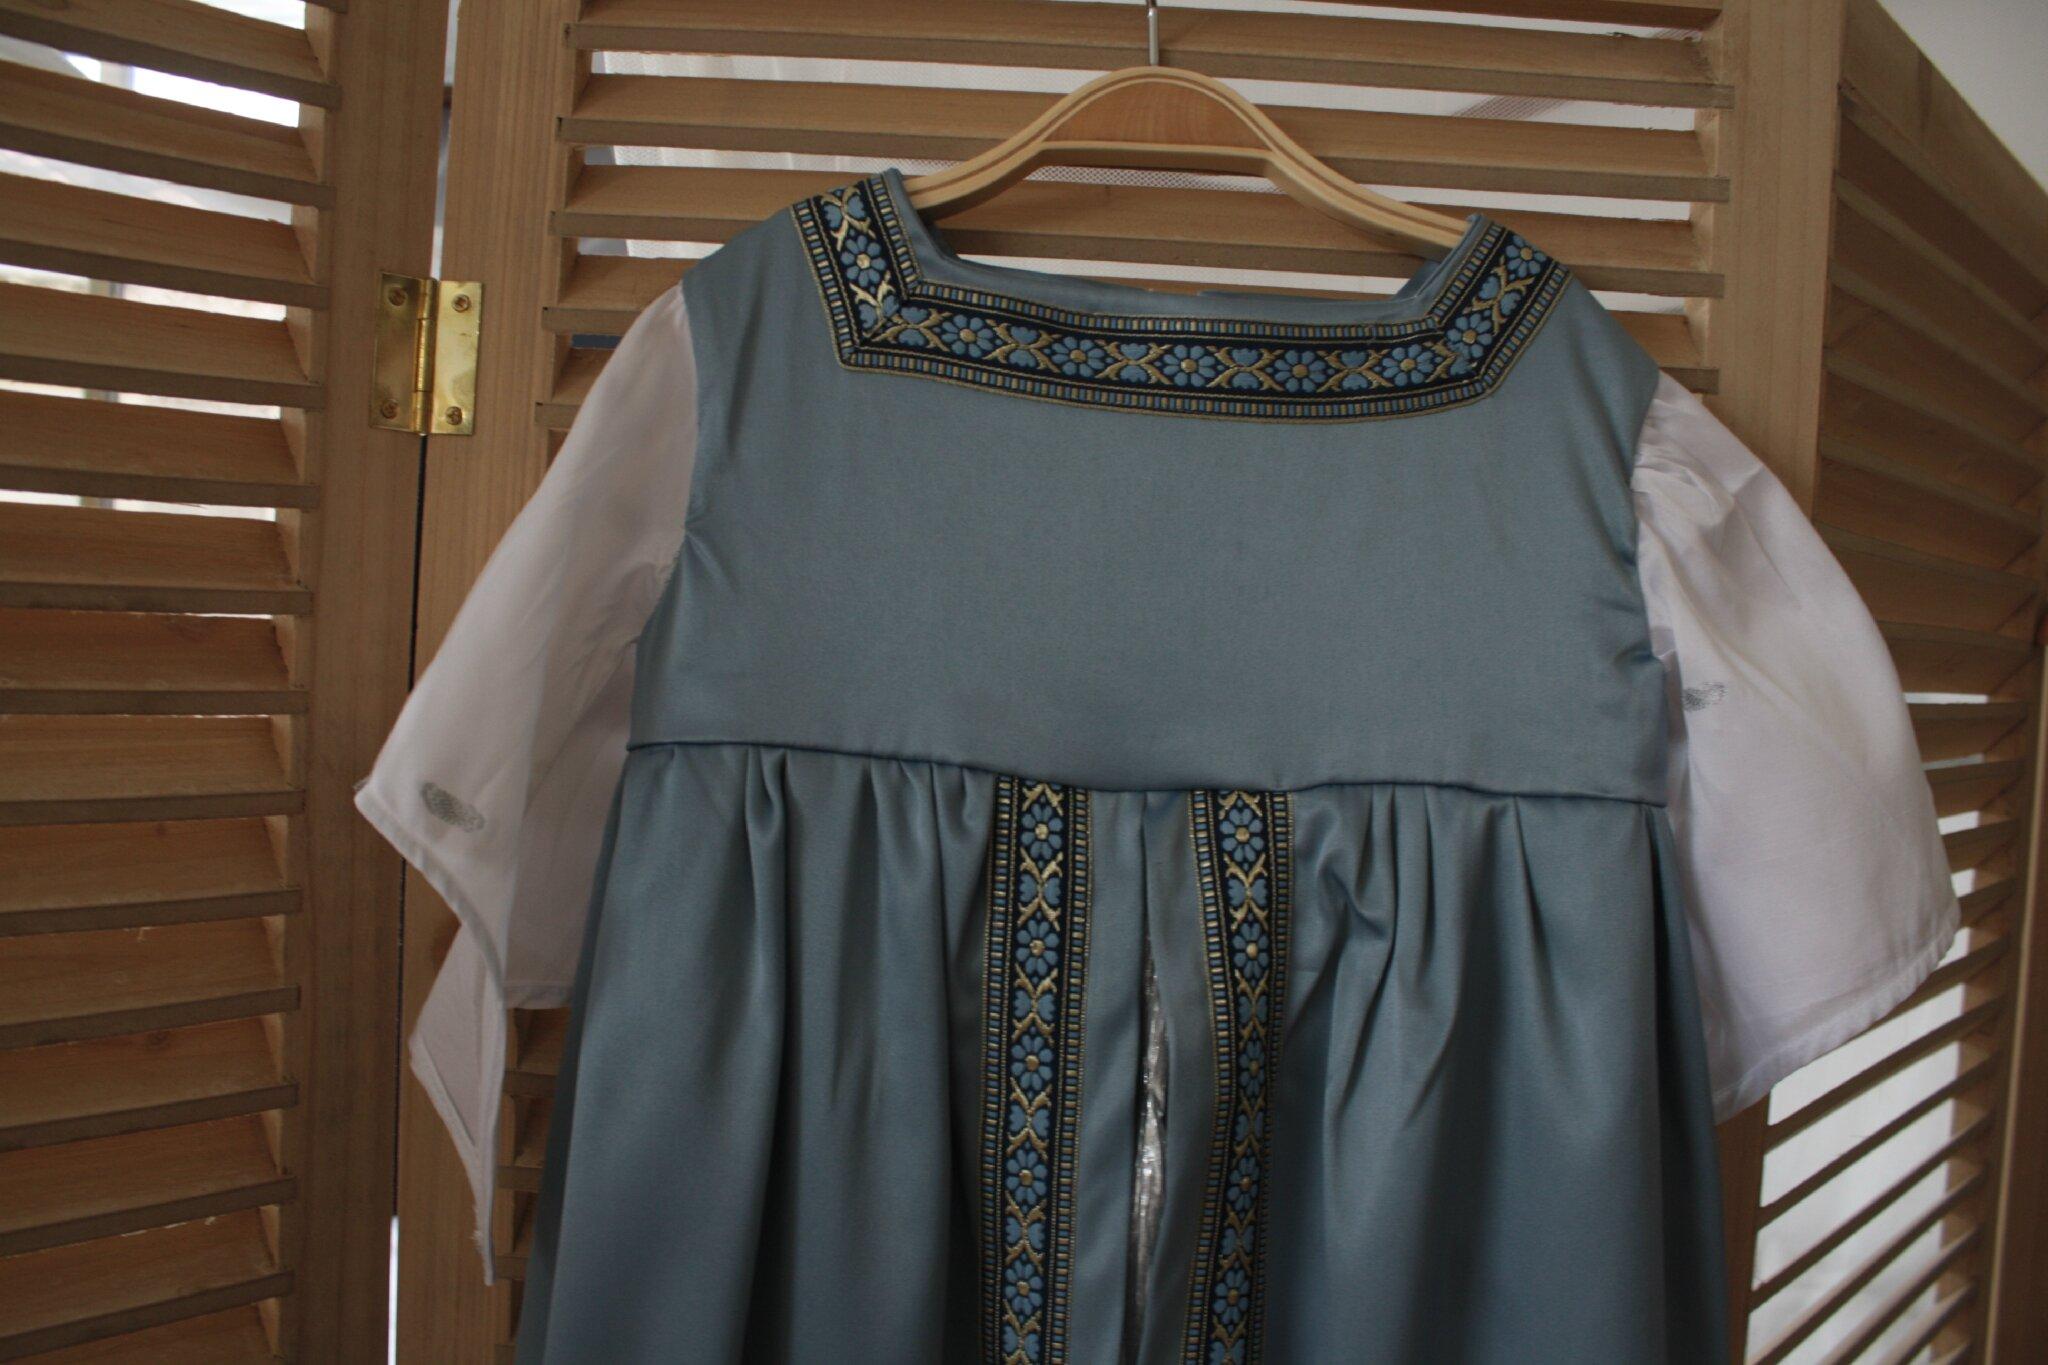 Robe de princesse, satin bleu, sous jupe plissée argentée, 6 -8 ans, 70 €